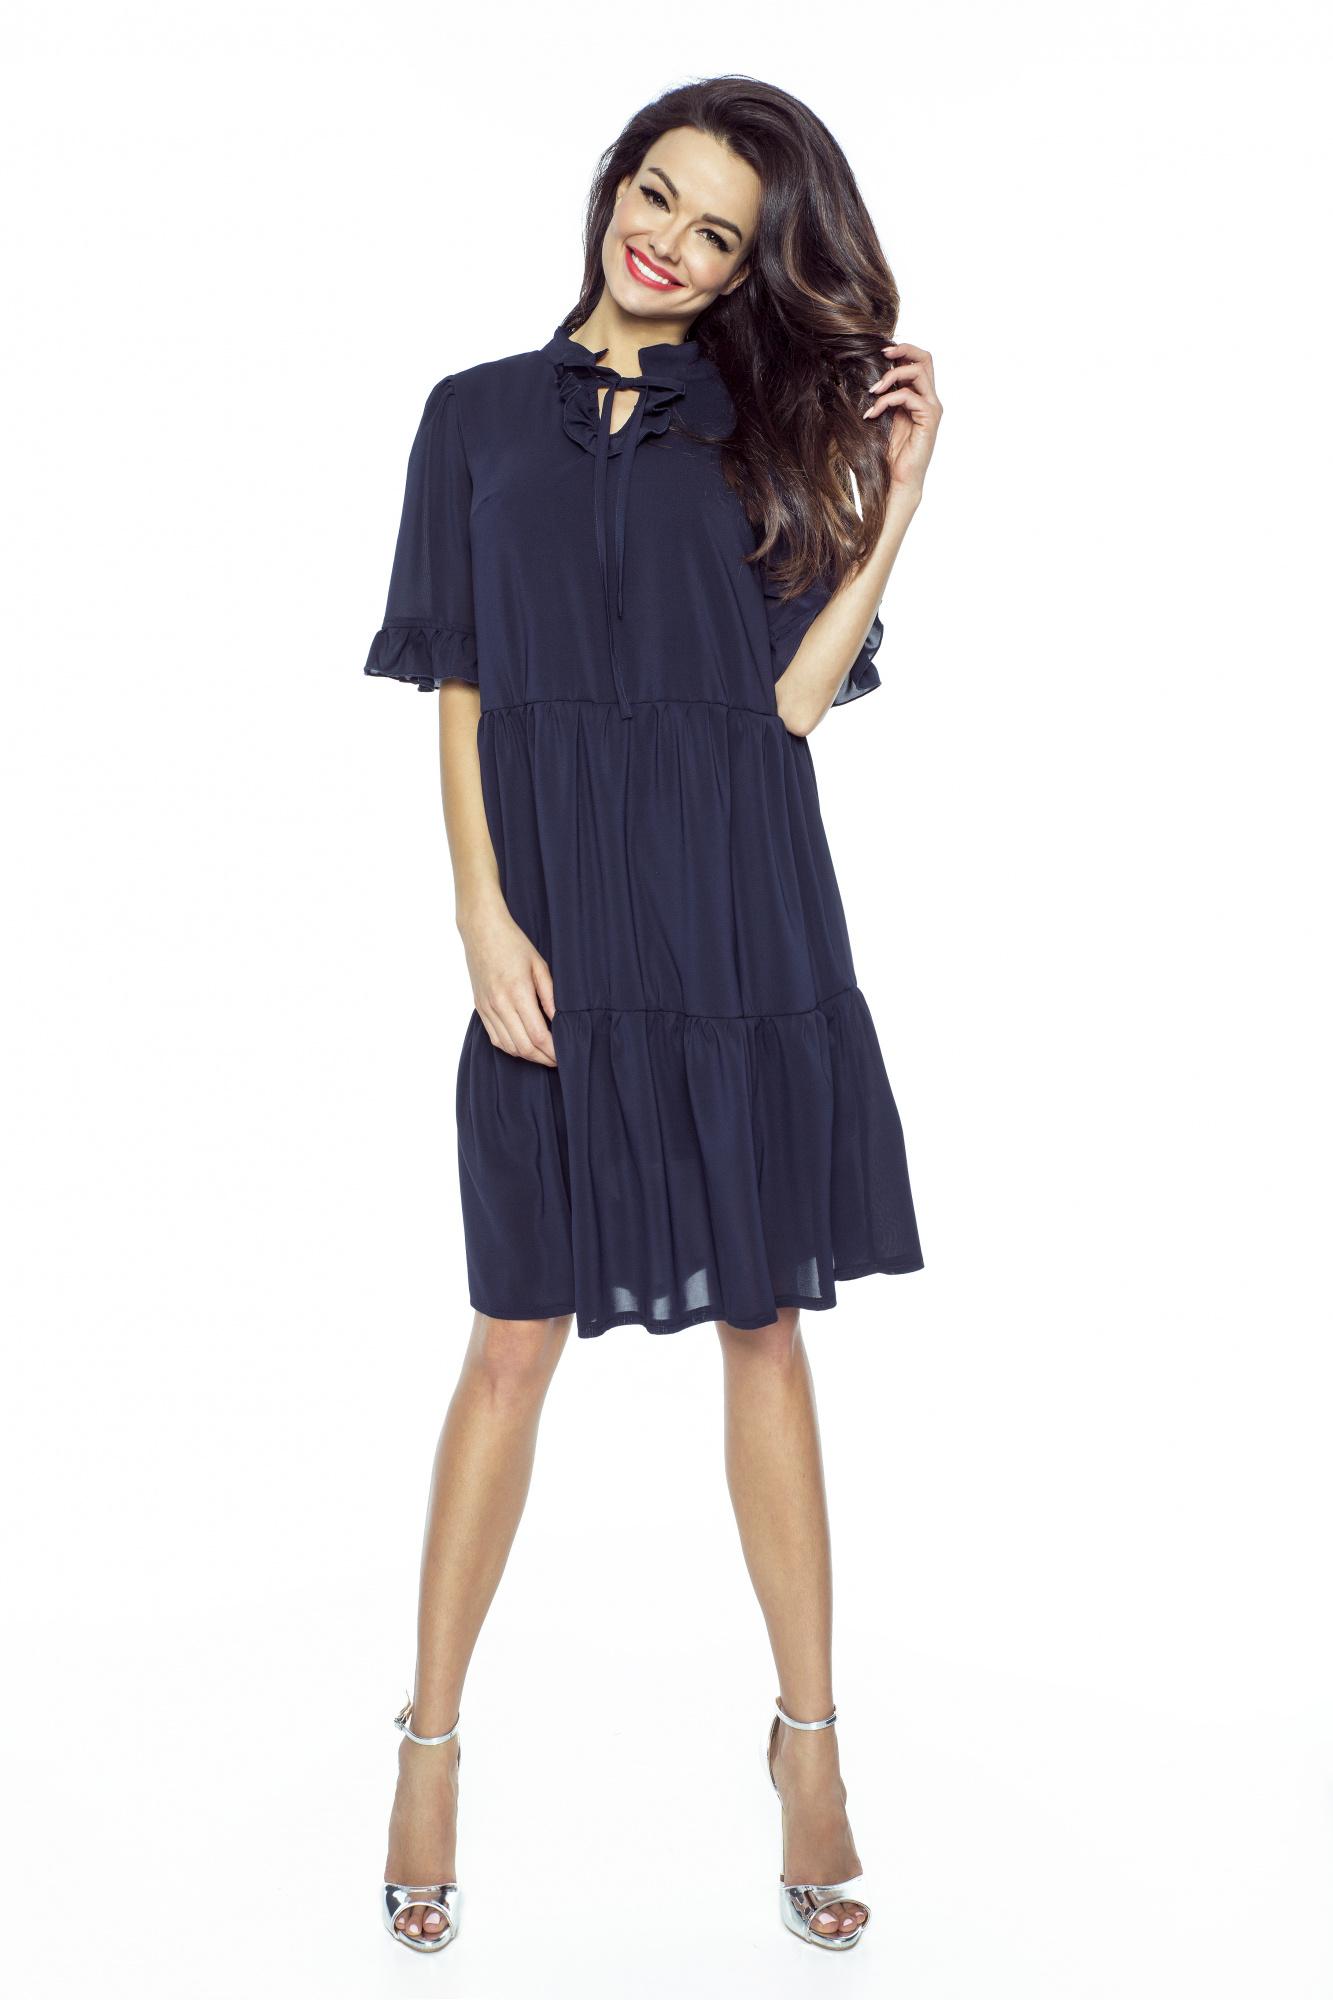 94d4182669aff8 Luźna sukienka z szyfonu boho km228-3 - ❤ Kartes-Moda ❤